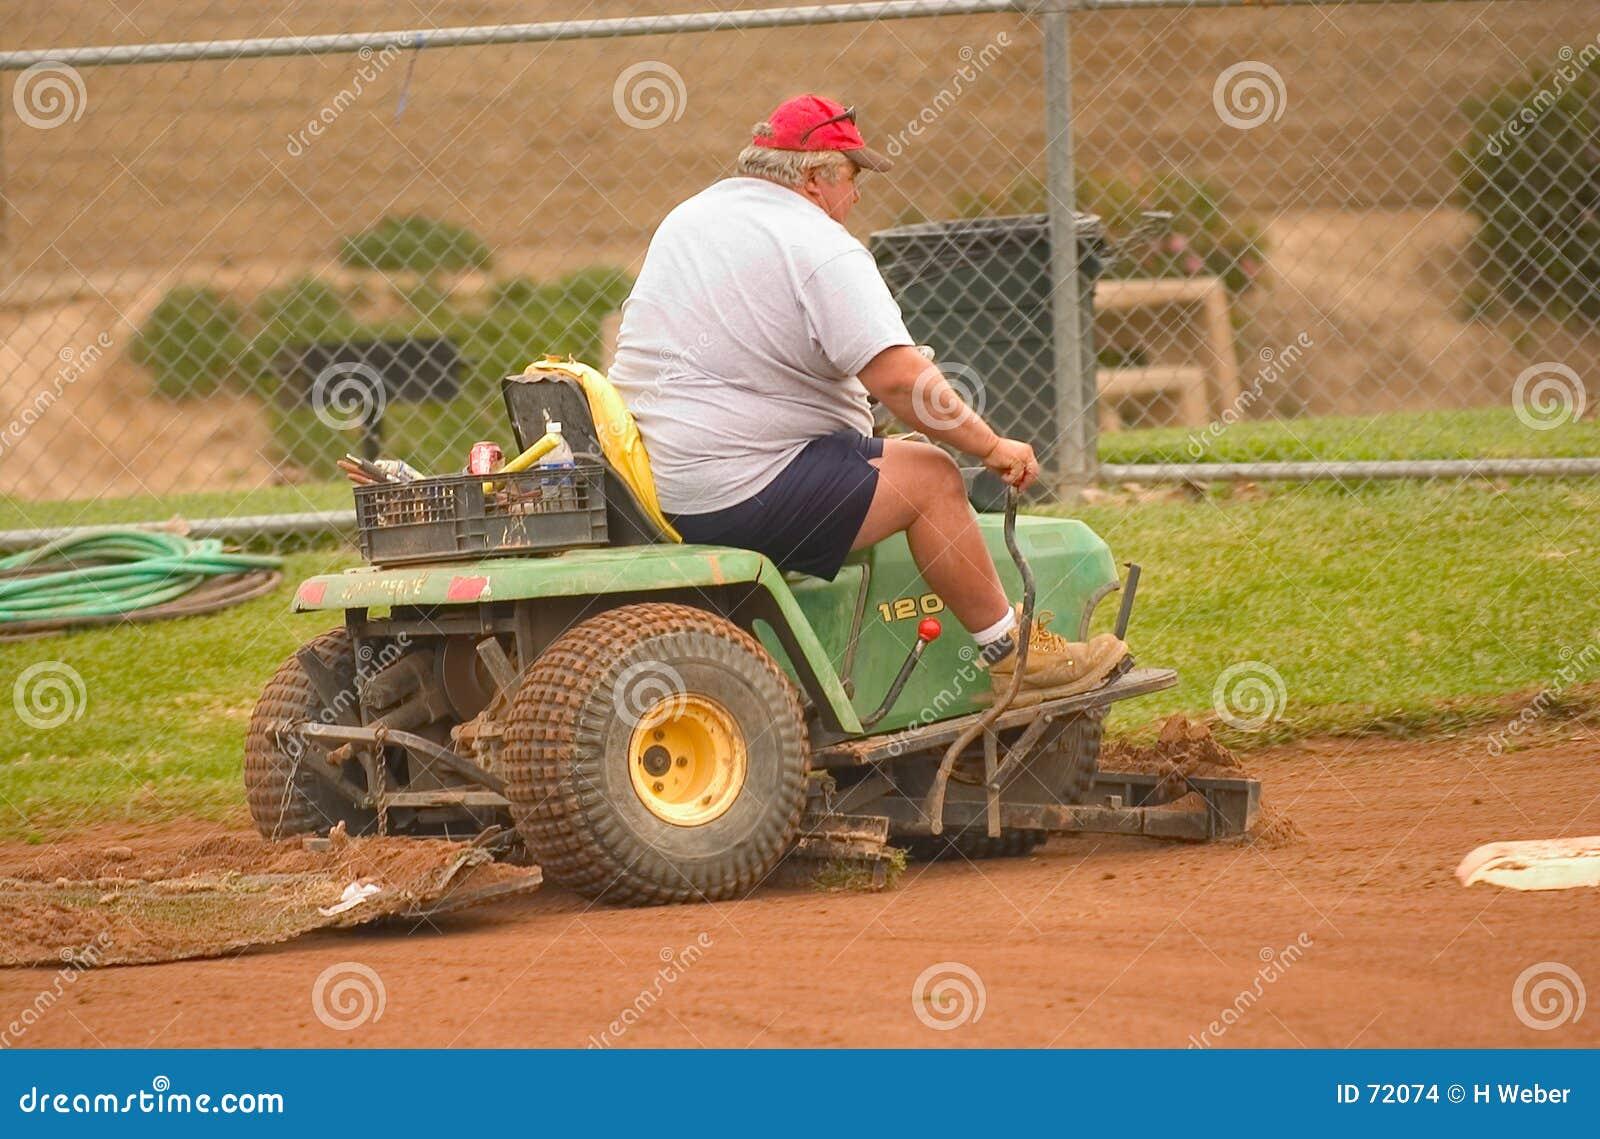 Baseballfältförberedelse